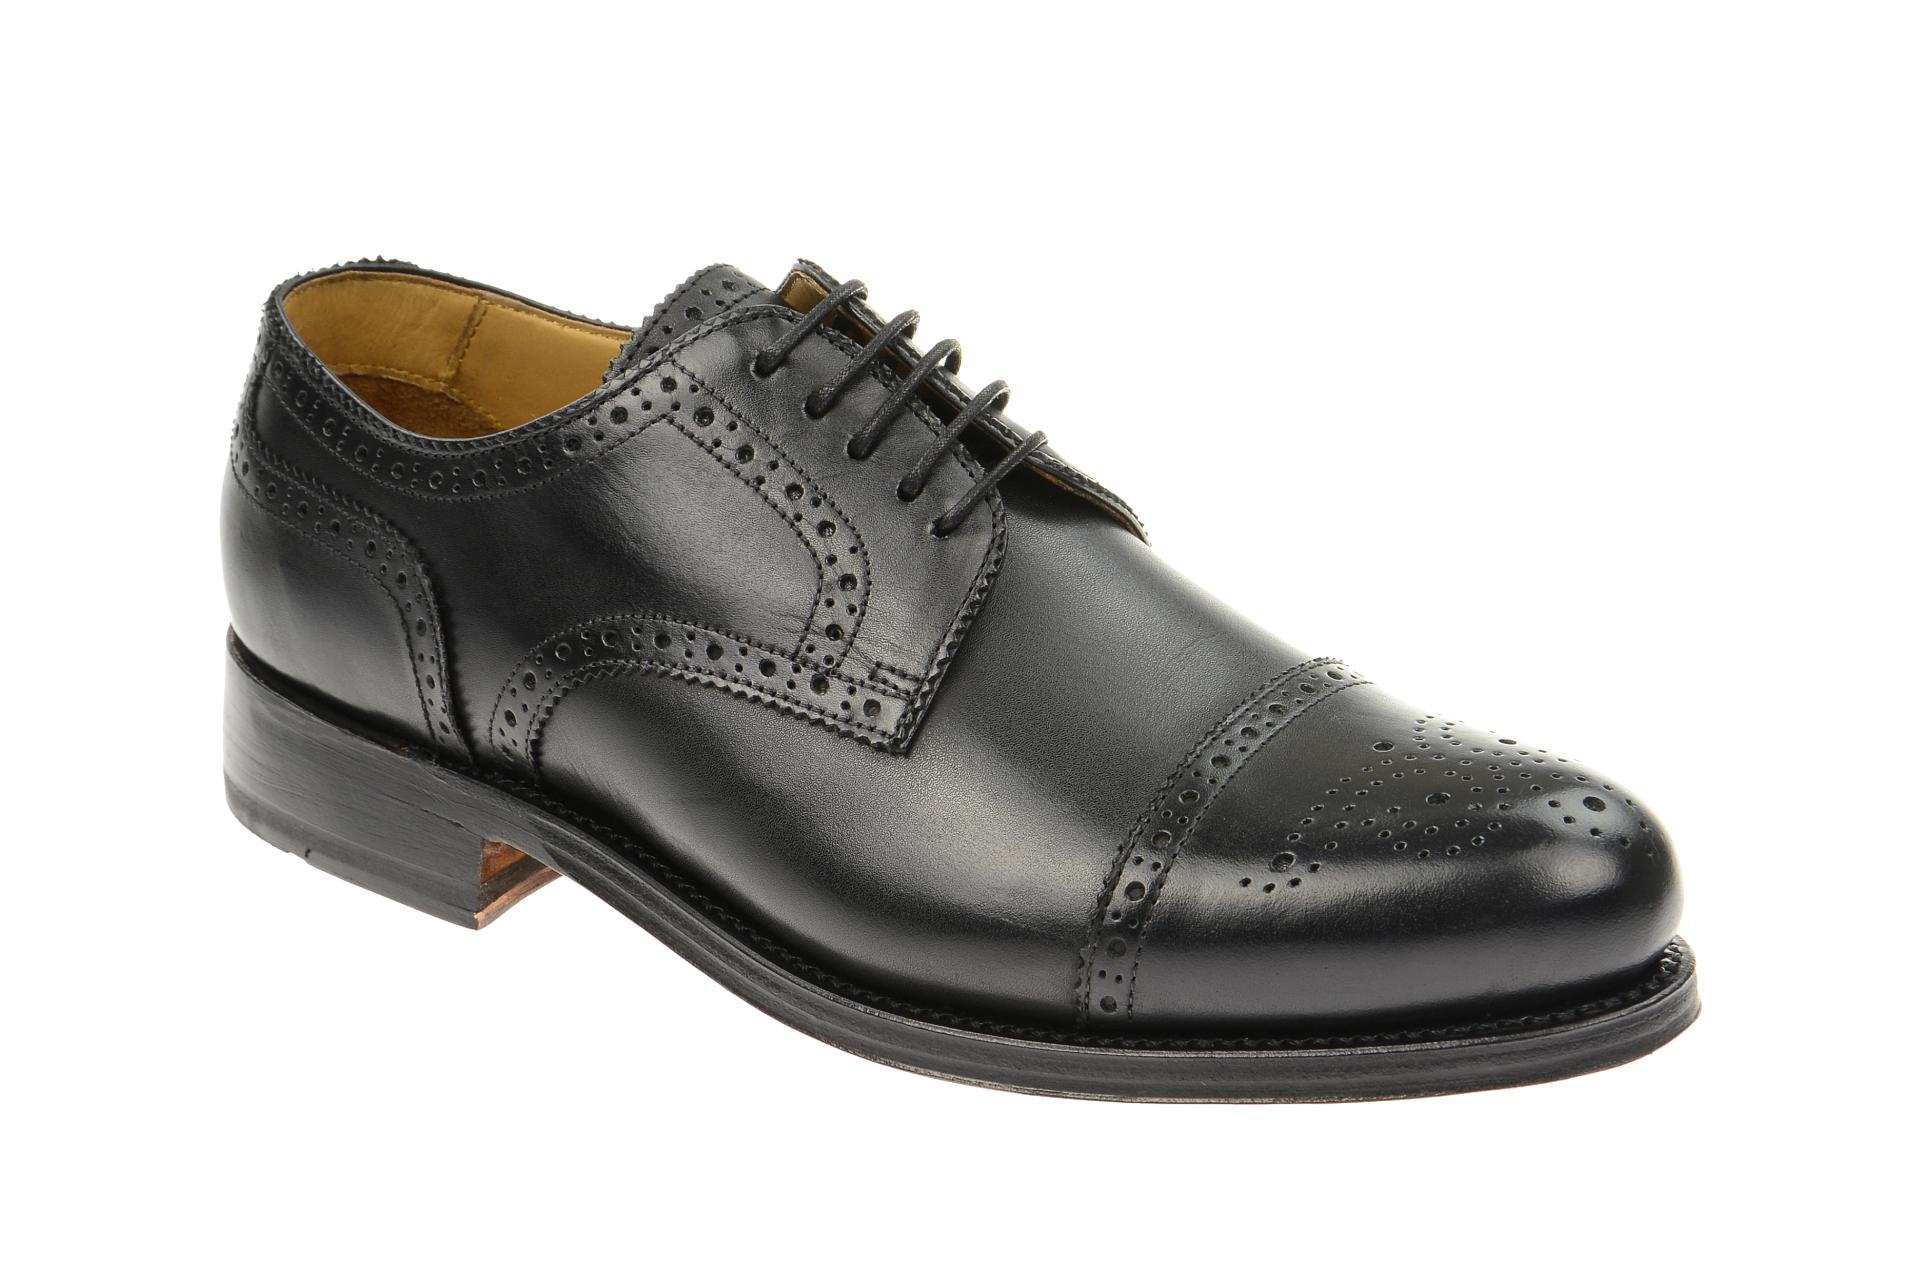 Gordon & Bros. Gordon & Bros Schuhe 4010 Levet schwarz rahmengenäht :: Schwarz - 40 - Männlich - Erwachsene